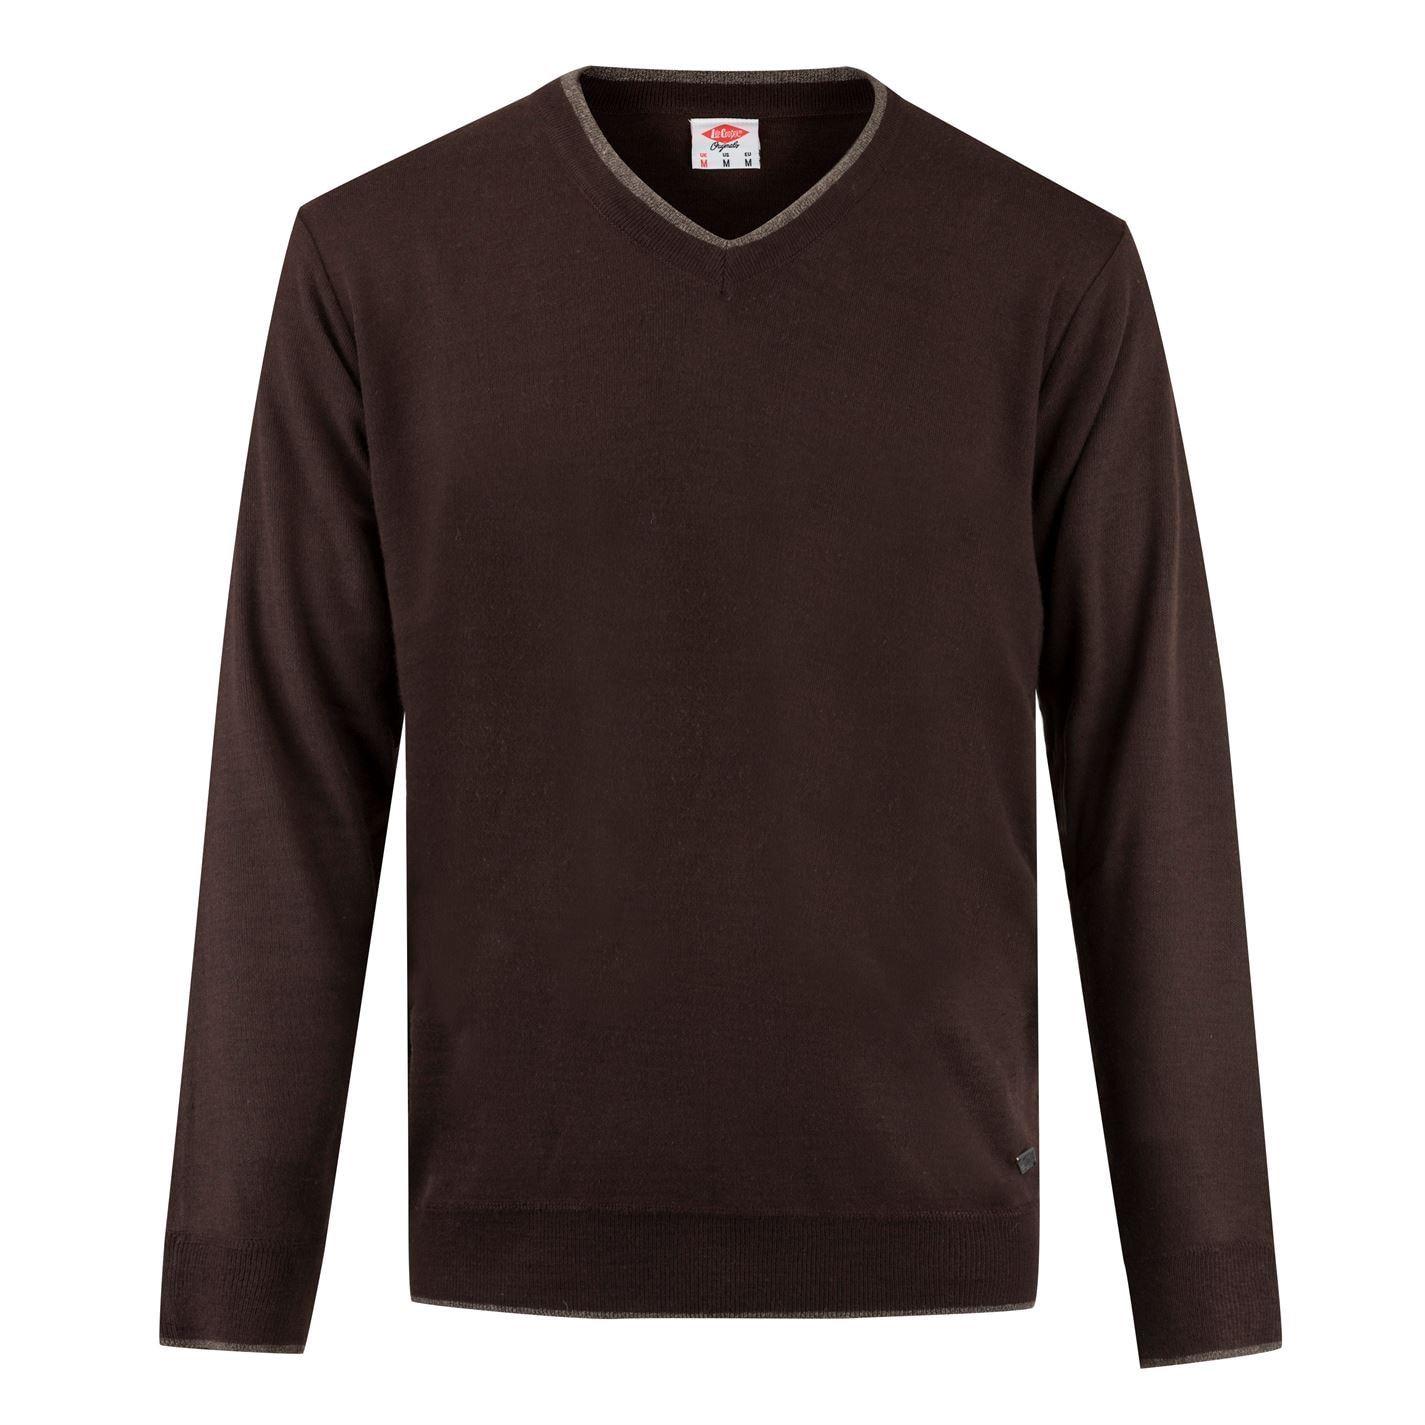 Lee-Cooper-Cuello-en-V-sueter-pulover-jumper-Top-Para-Hombre miniatura 4